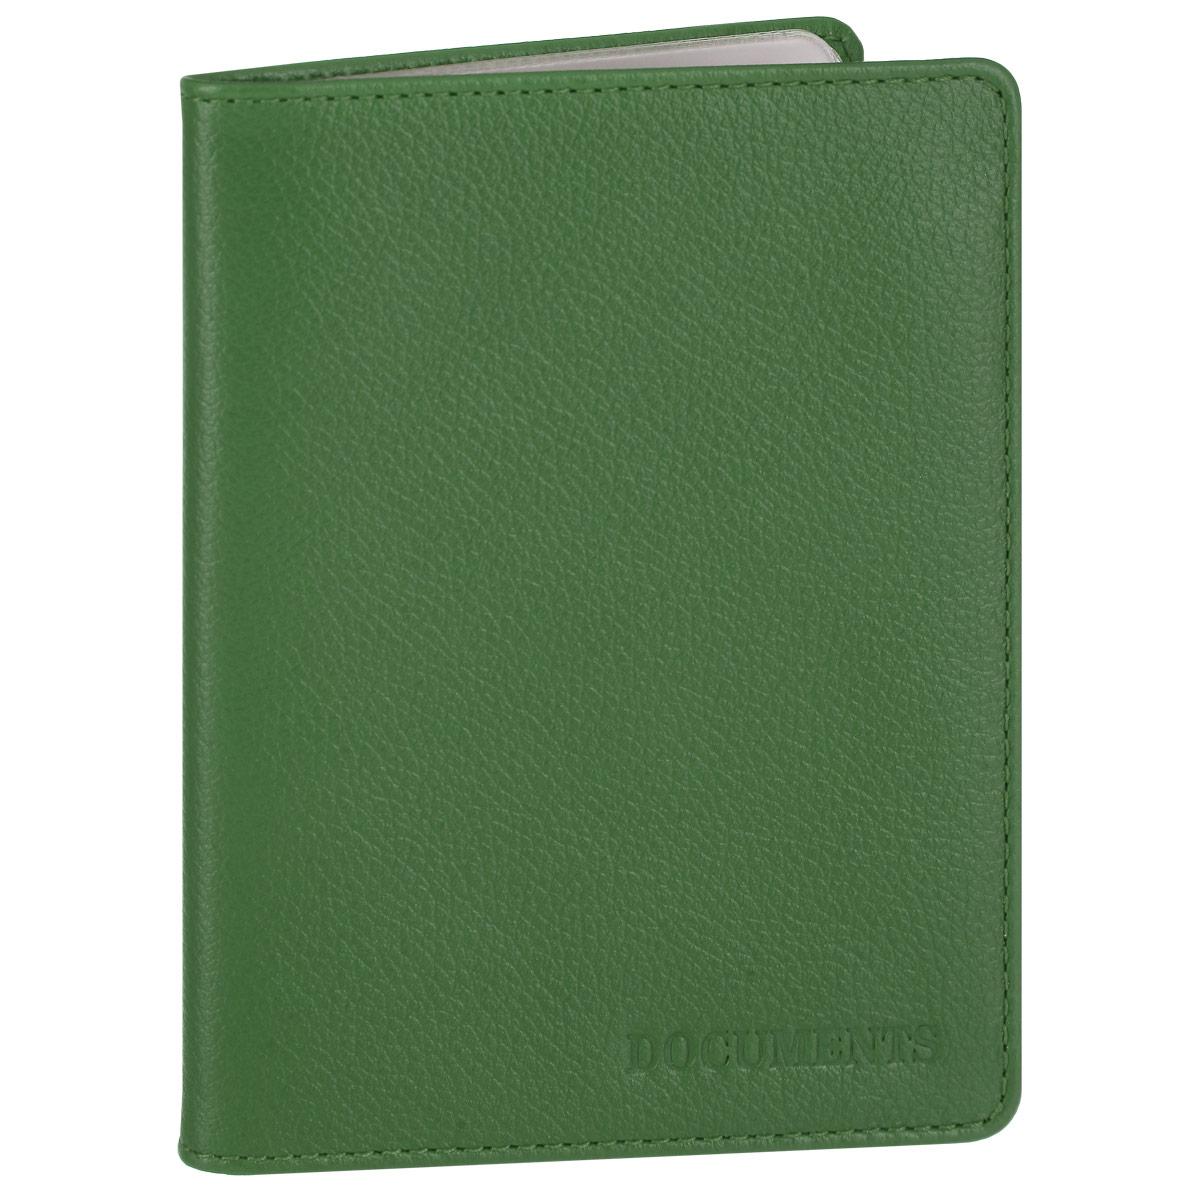 Обложка для автодокументов женская Fabula Every day, цвет: зеленый. BV.53.FPНатуральная кожаСтильная обложка для автодокументов Fabula Every day выполнена из натуральной кожи с зернистой текстурой, оформлена тисненой надписью Documents. Обложка для автодокументов раскладывается пополам, внутри расположен пластиковый блок, состоящий из шести карманов и двух накладных кармашков.Такая обложка для автодокументов станет прекрасным и стильным подарком человеку, любящему оригинальные и практичные вещи.